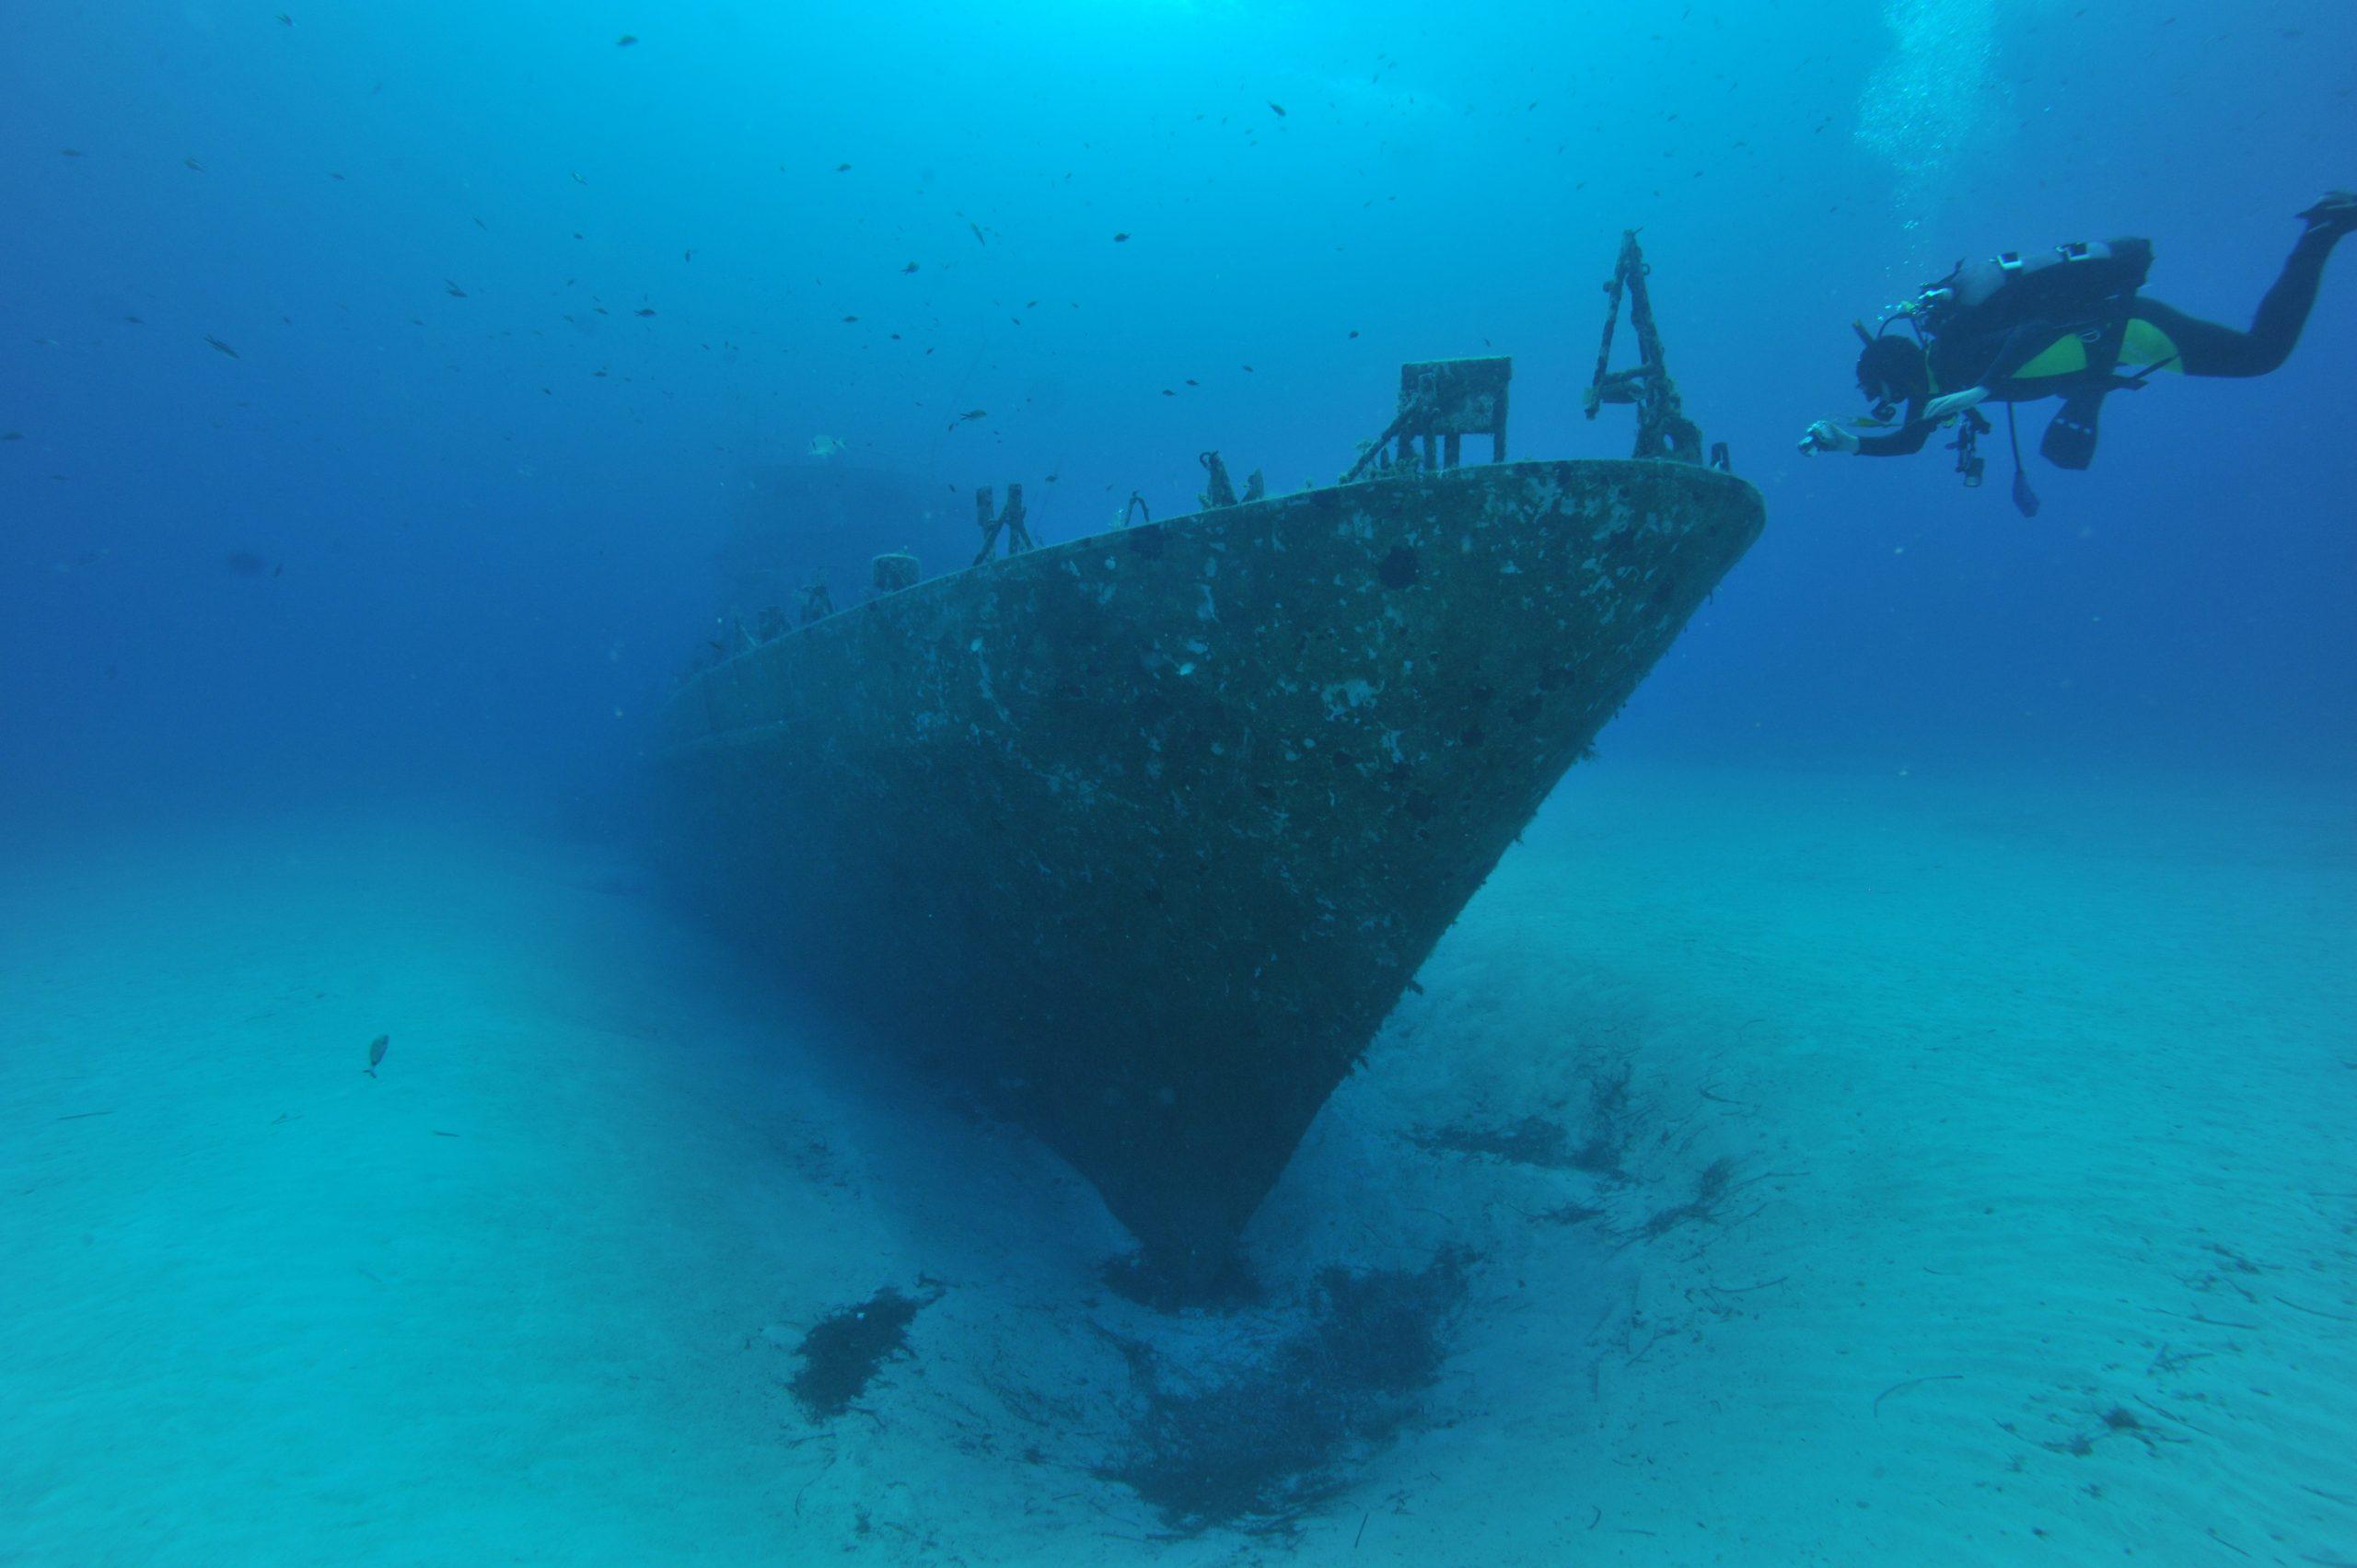 Arheologia subacvatică va scoate la lumină artefactele din Marea Negră